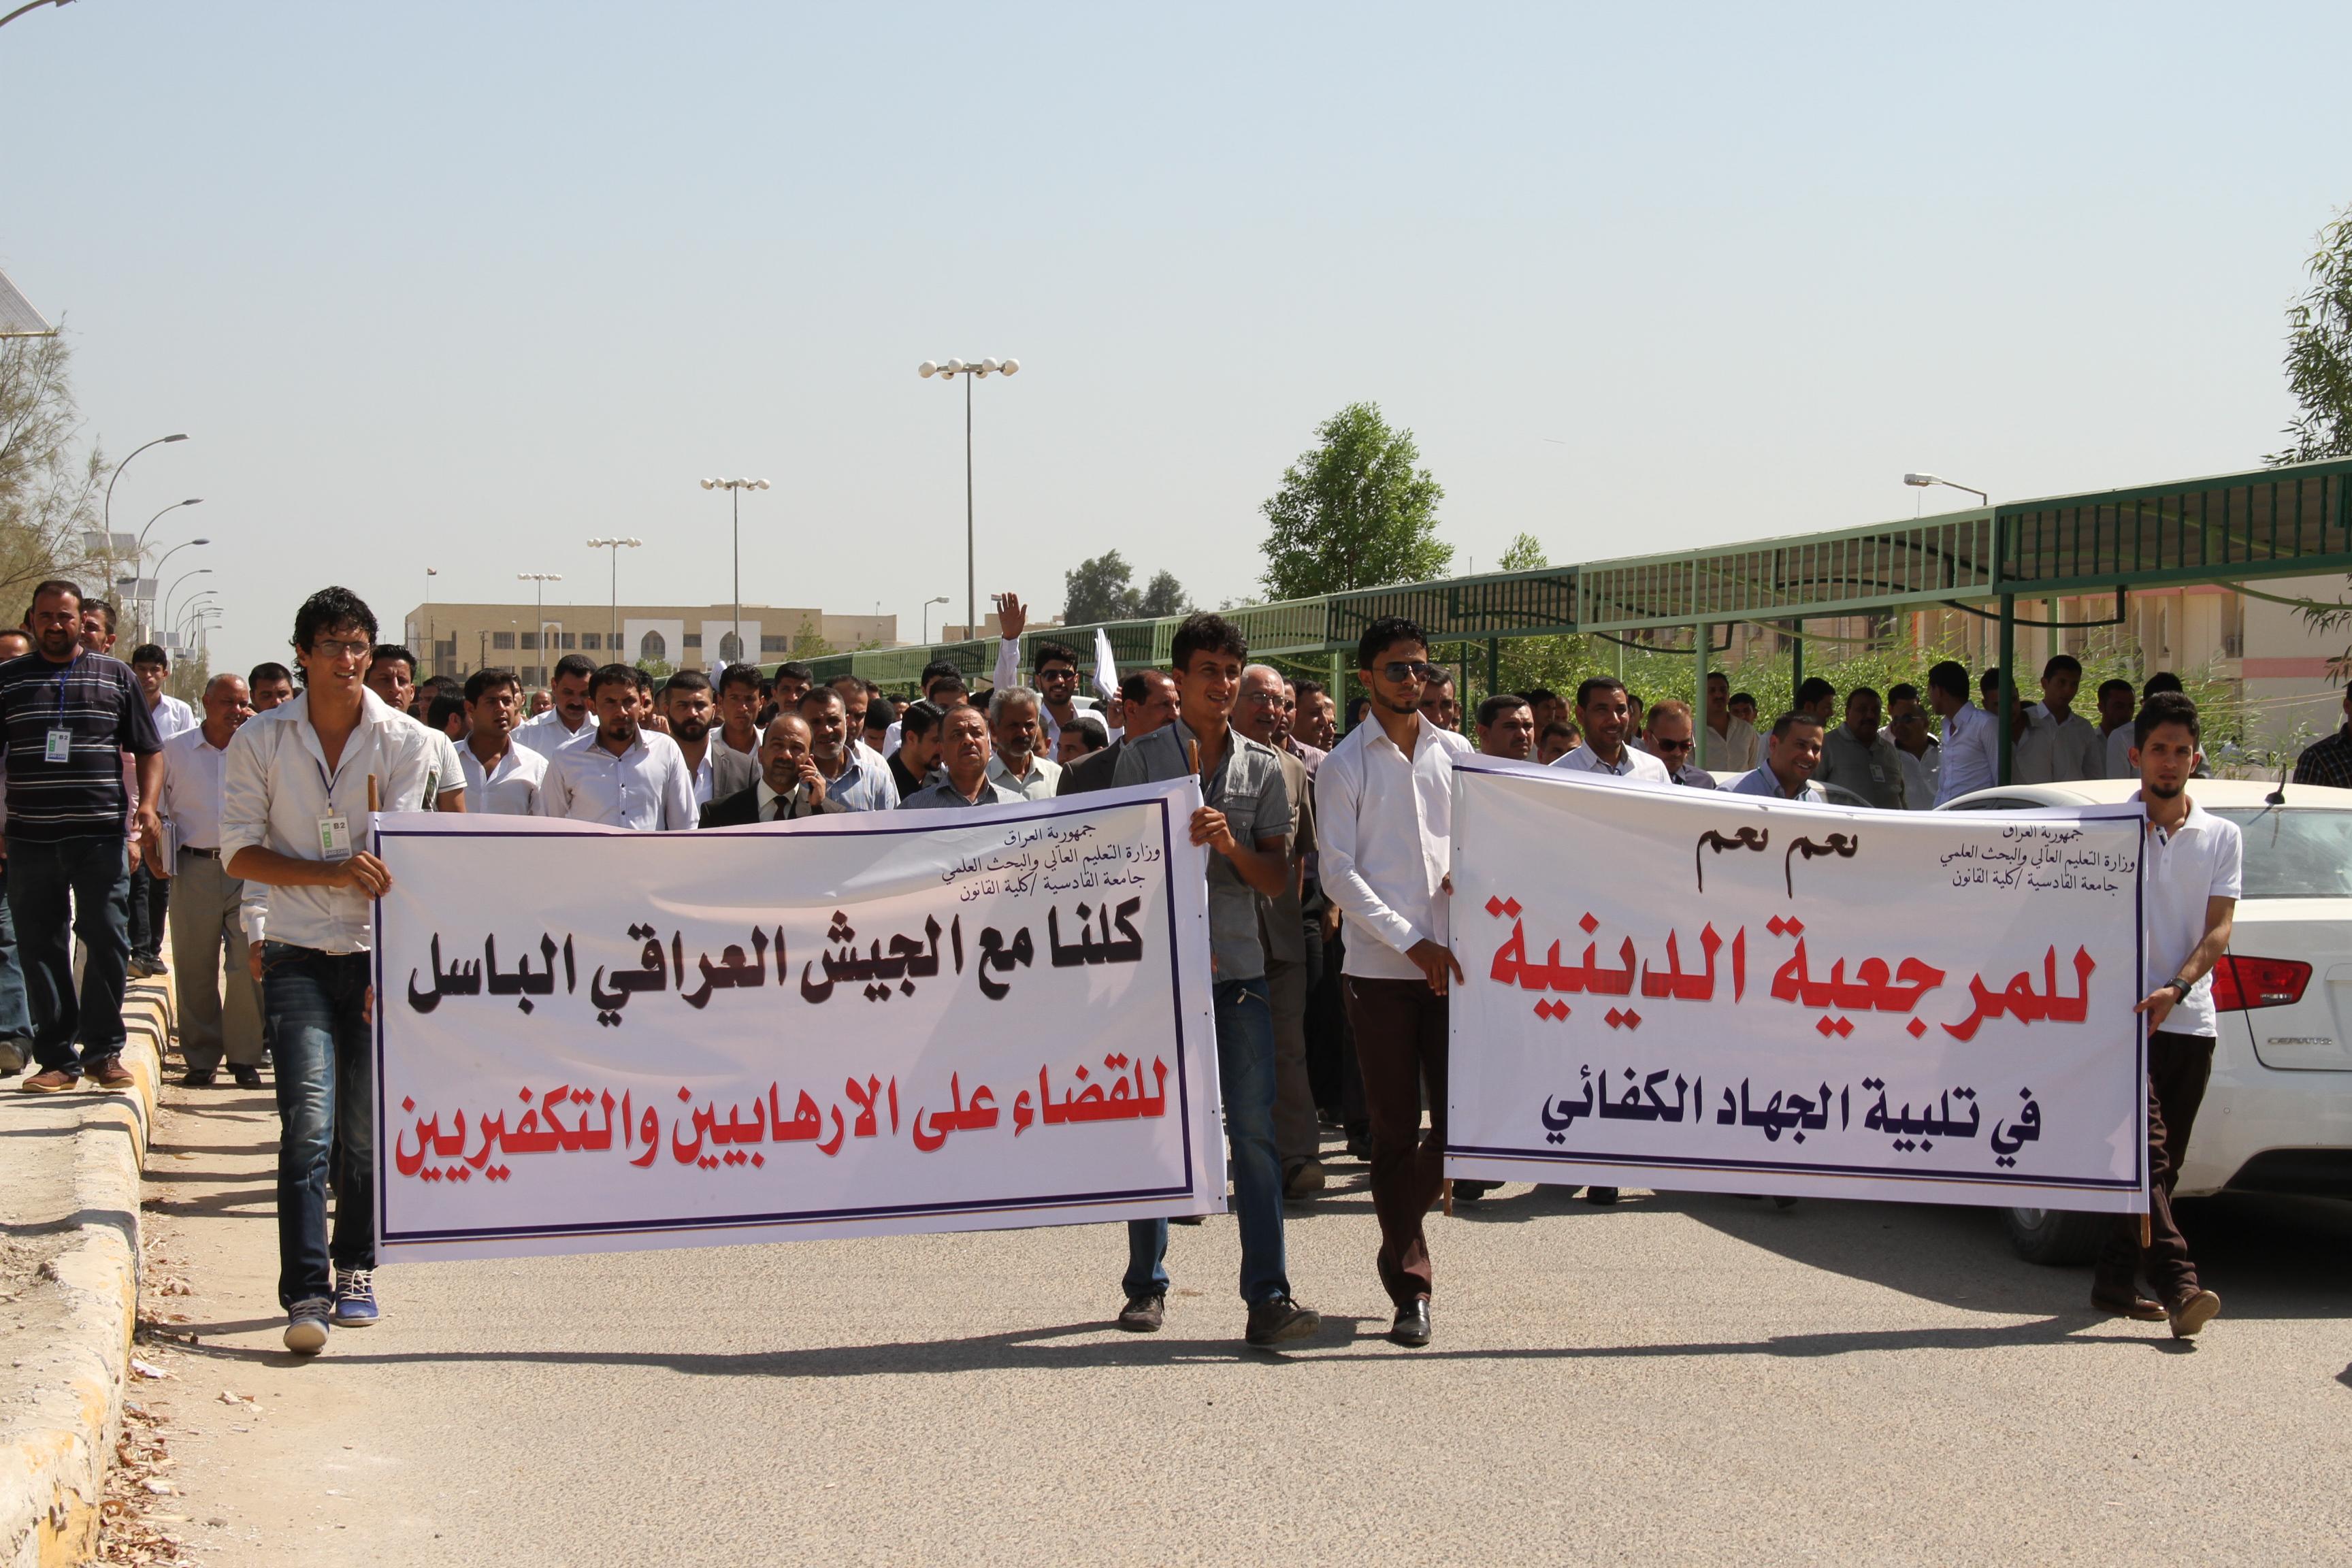 تلبيةً لنداء الوطن والمرجعية – تظاهرات حاشدة لدعم الجيش العراقي